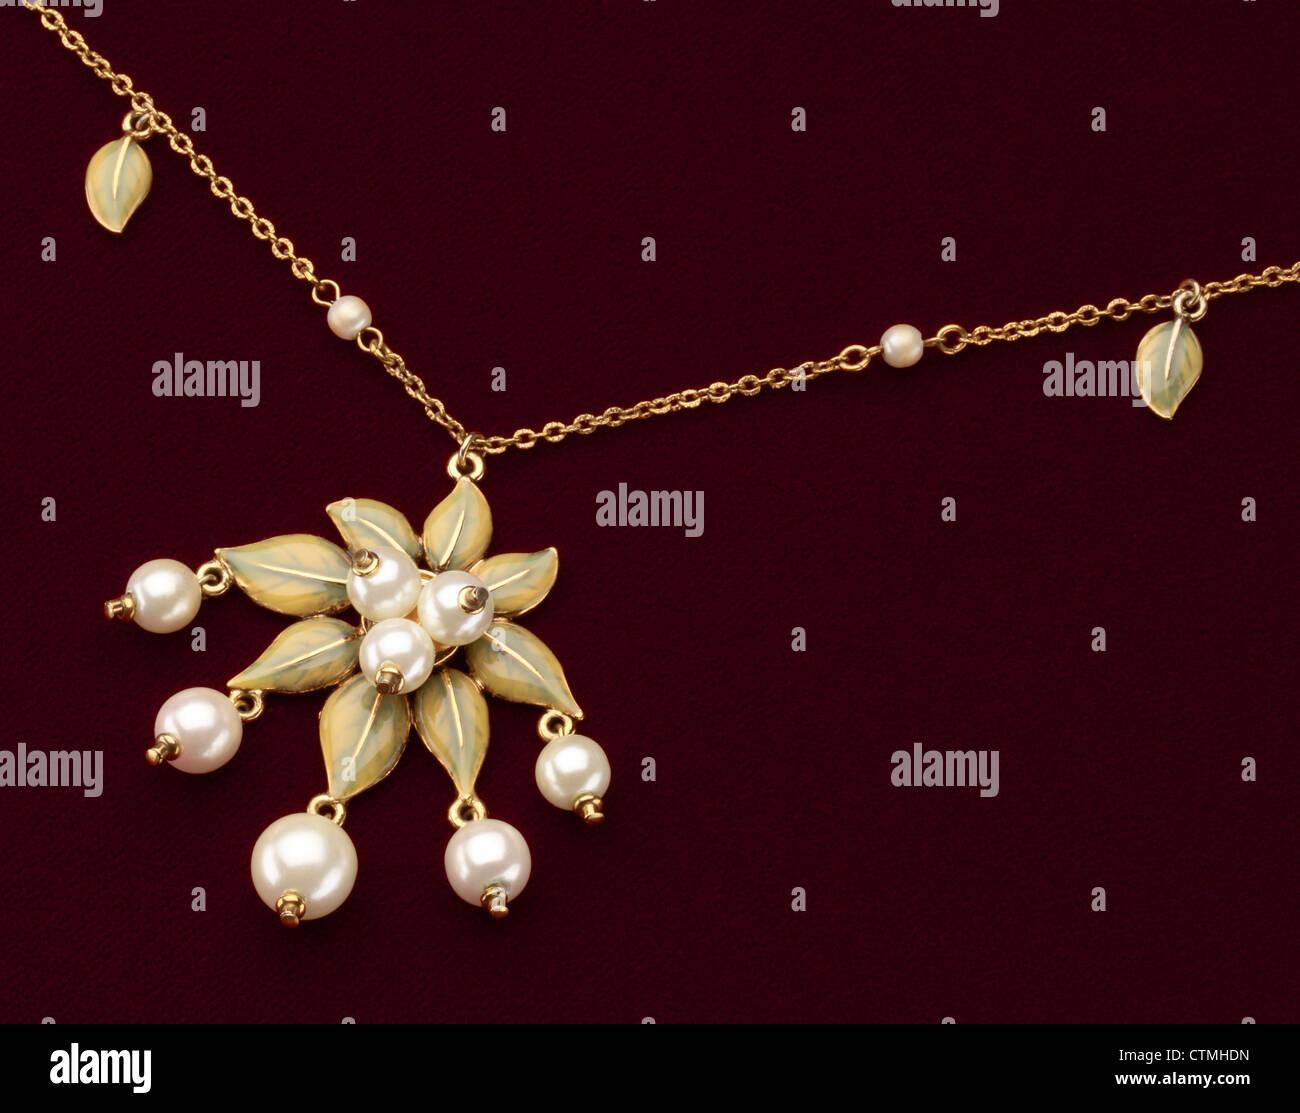 La bigiotteria. Una vista ravvicinata di una collana in oro con fiore e perle perle. Immagini Stock